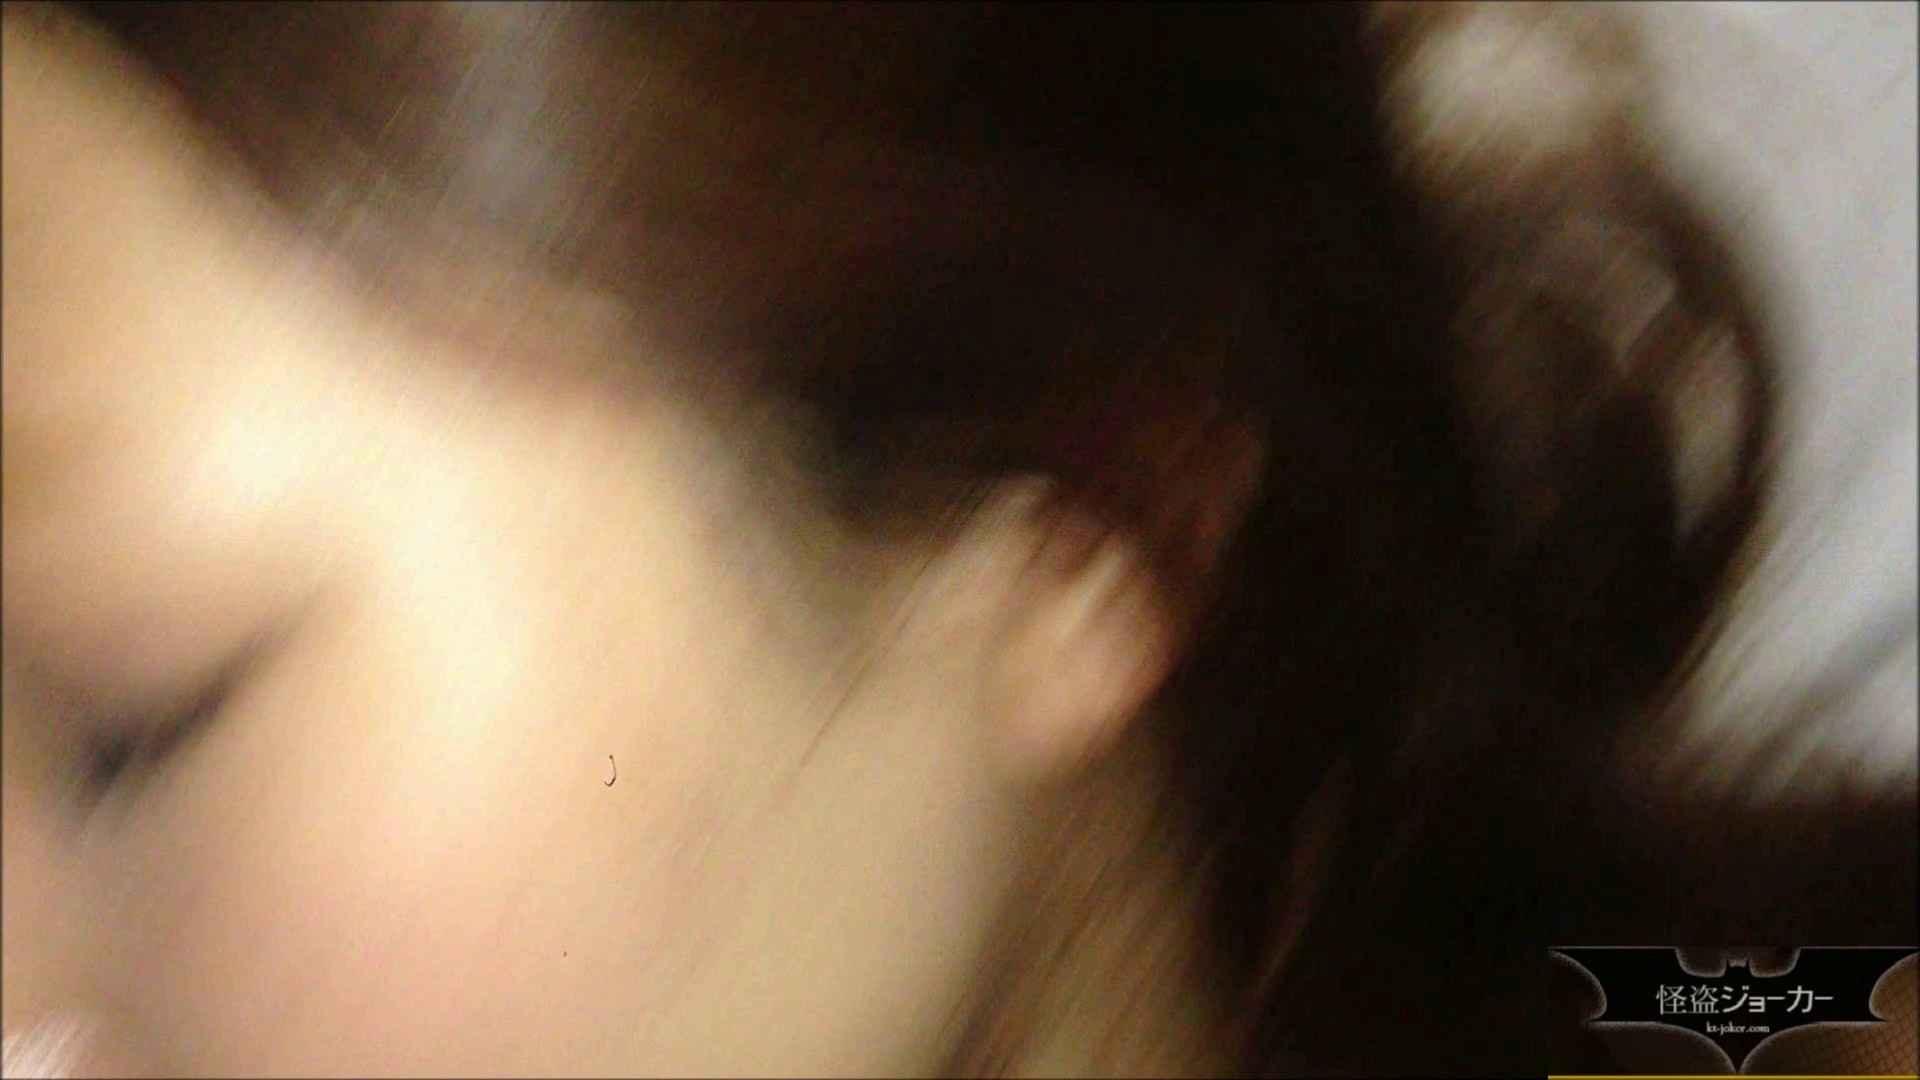 【未公開】vol.66 {現役JDの友達2人組}セクシー系ギャルH・Kちゃん③ OLのボディ   ギャル盗撮映像  87PIX 15